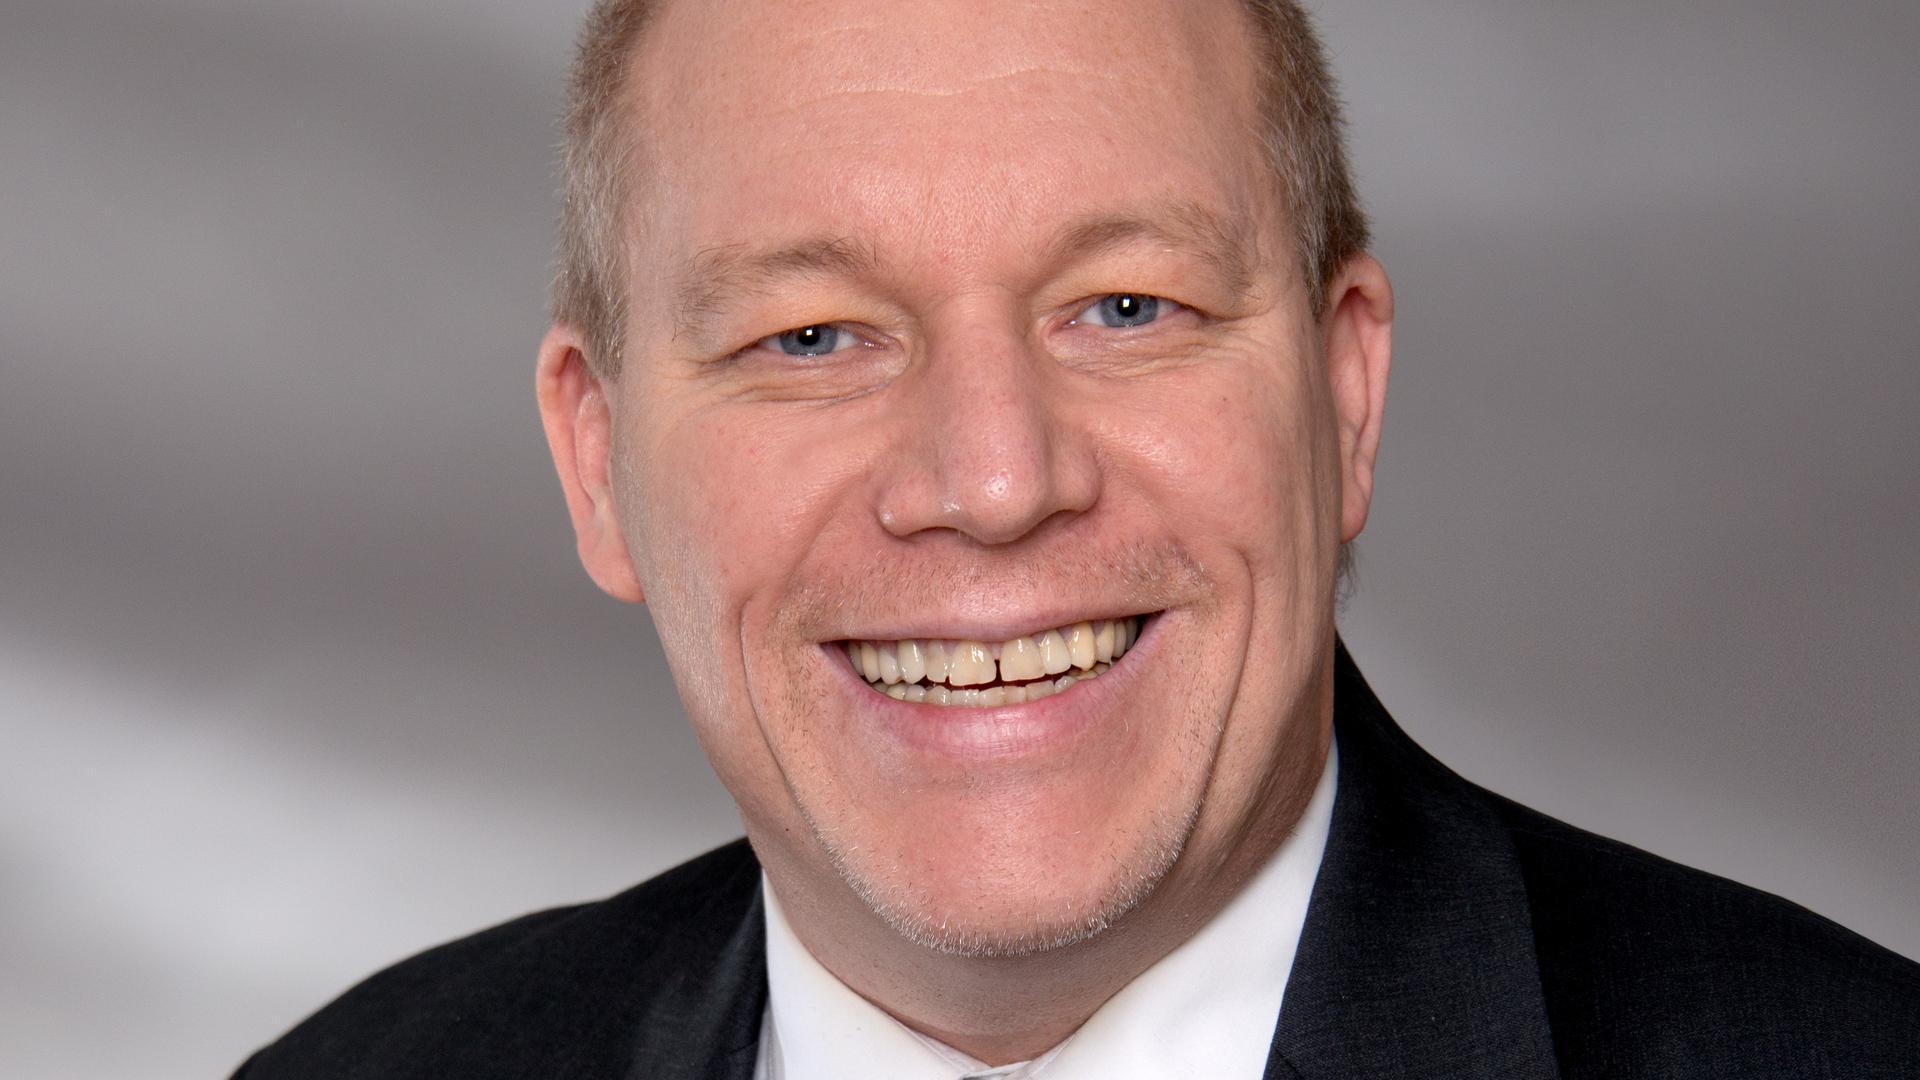 Thomas Kurz